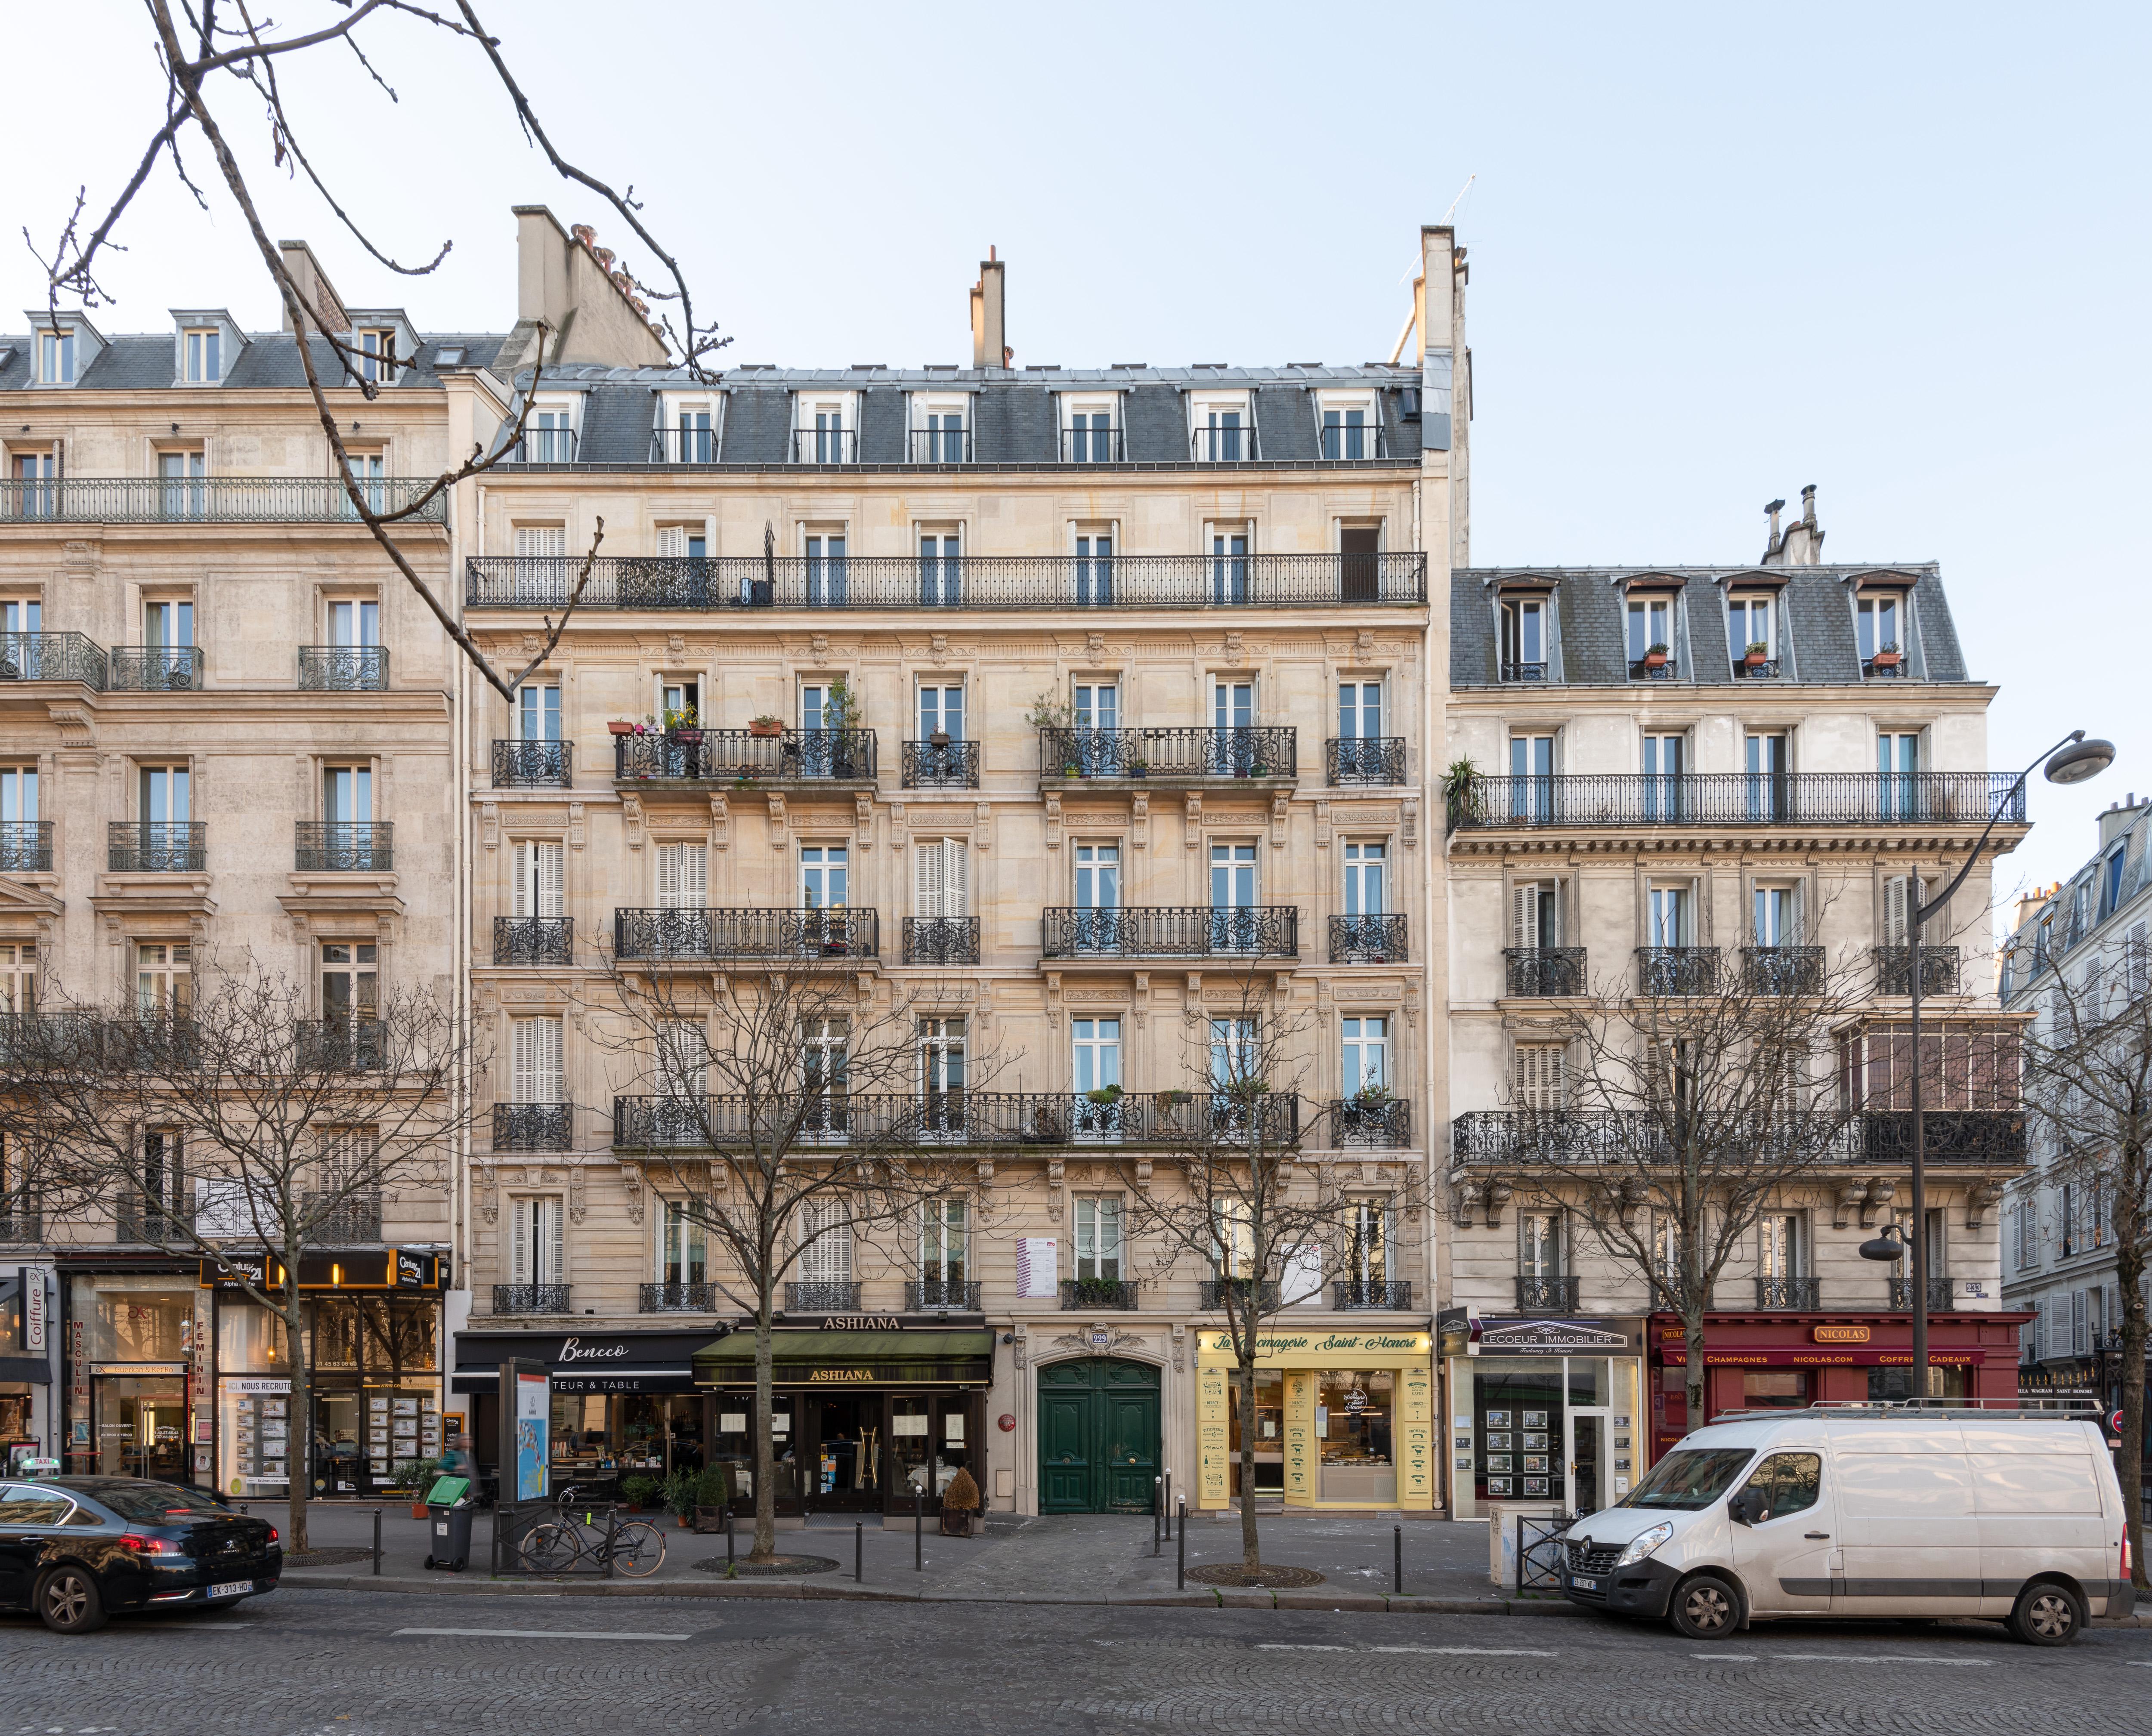 Paris - Unregulated housing